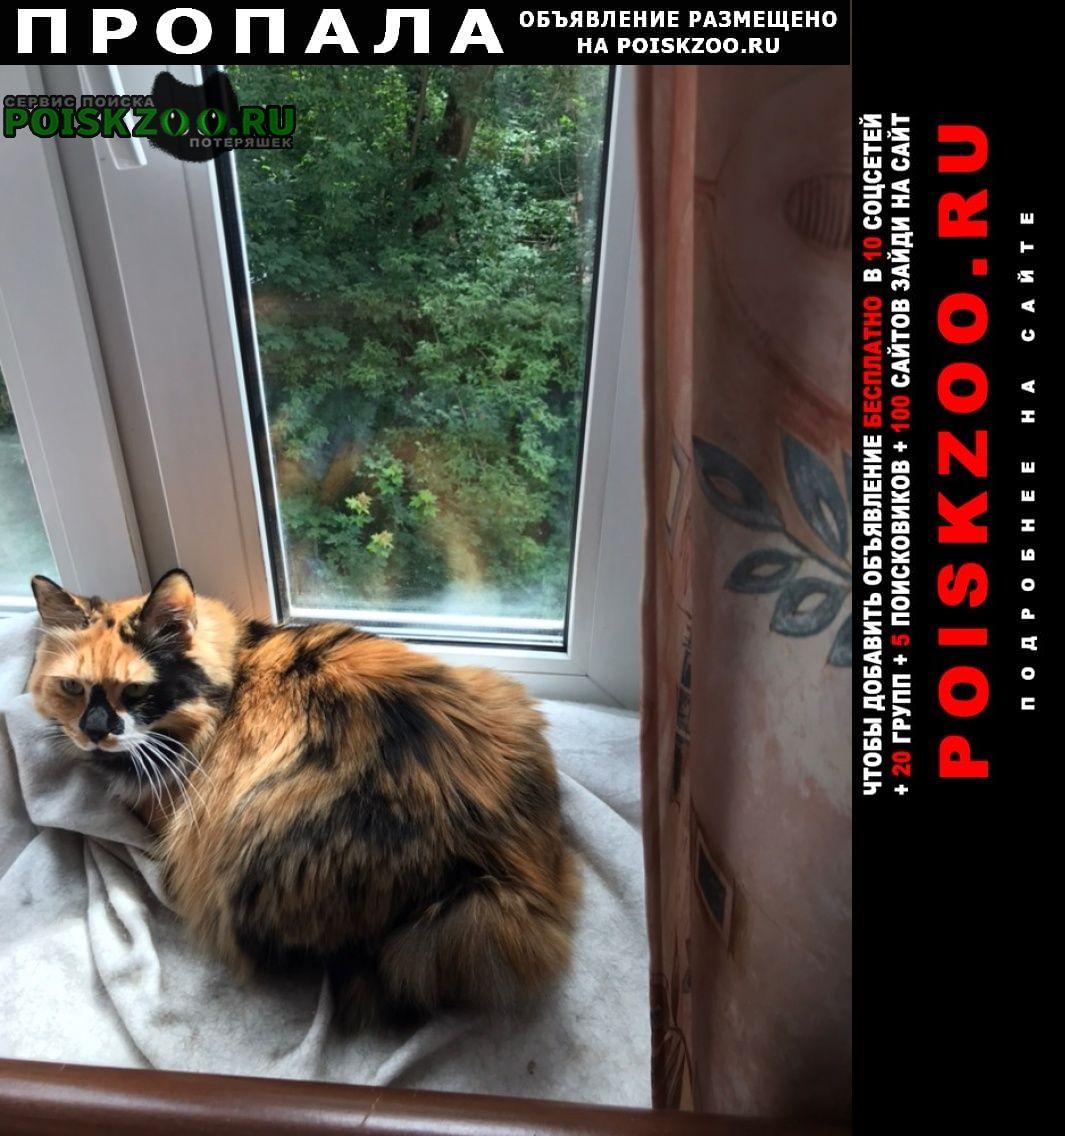 Пропала кошка Пушкино